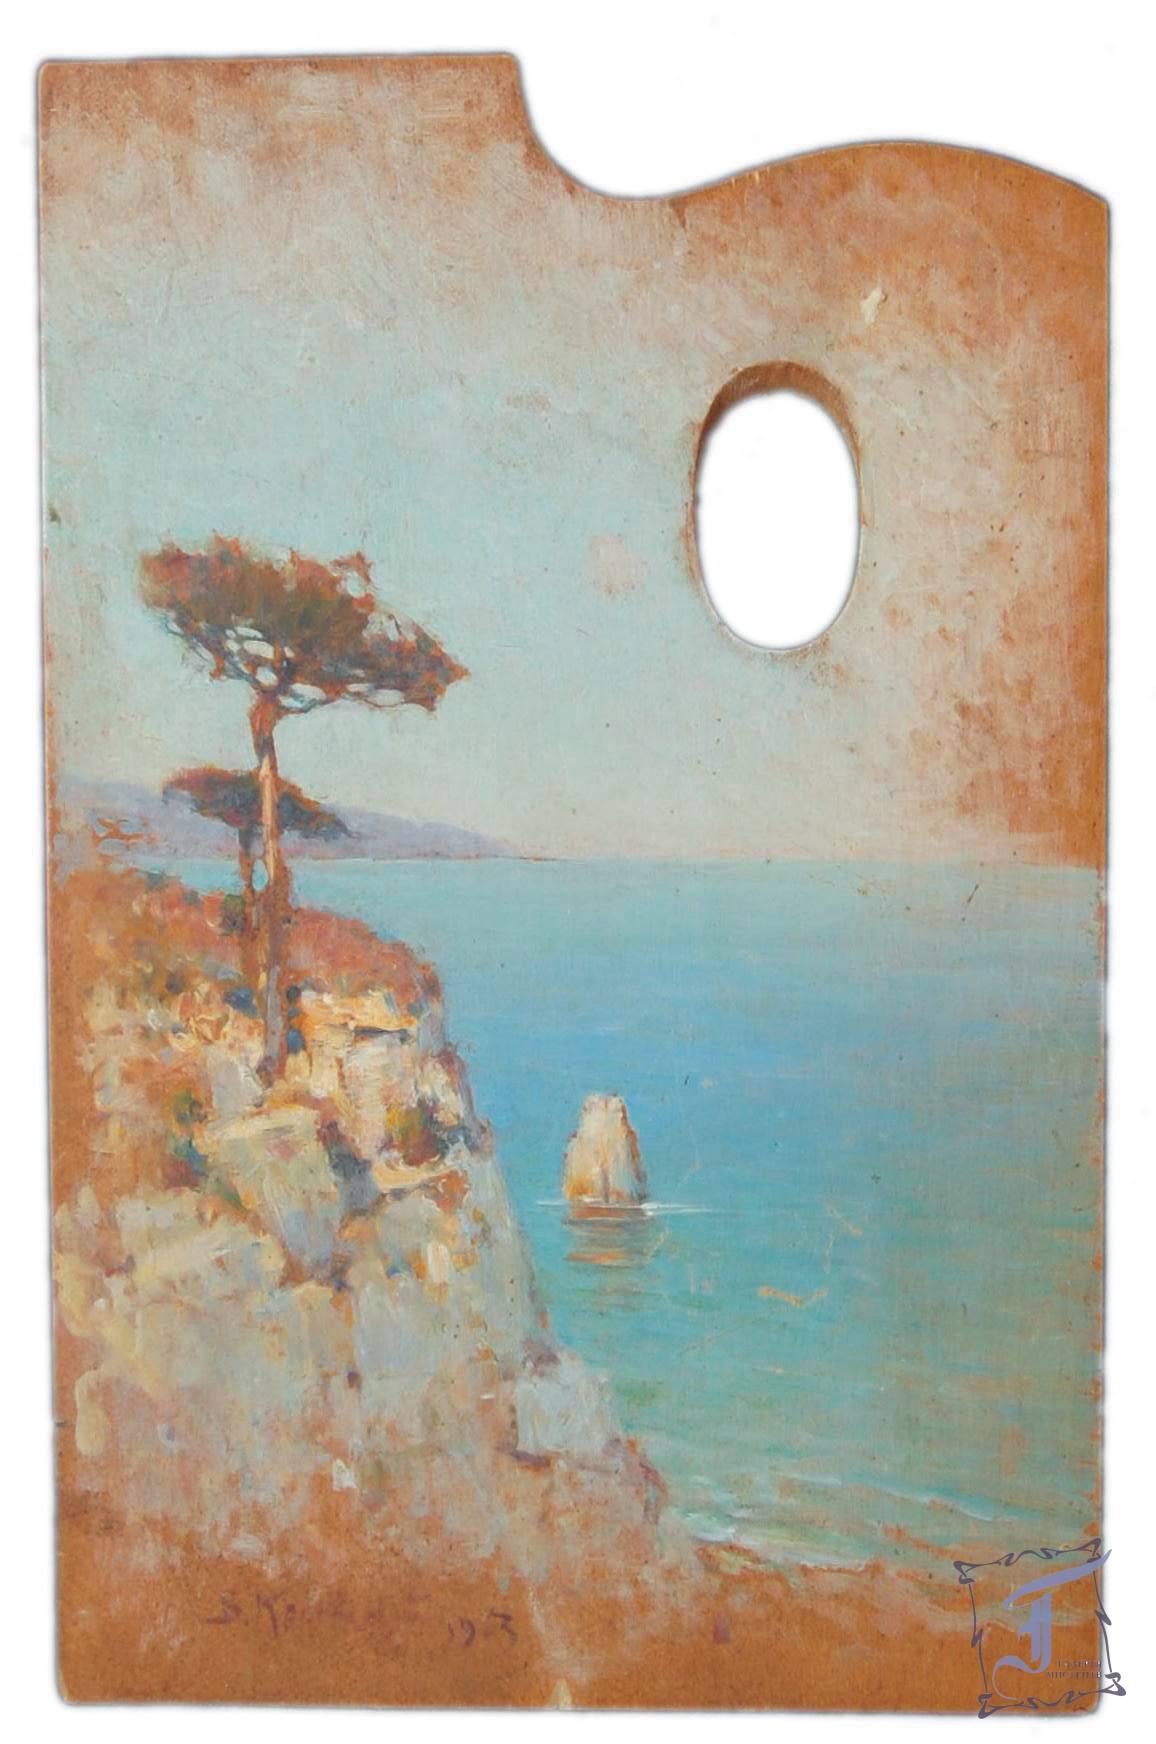 В. Кричевський «Пейзаж на палітрі» (1903)